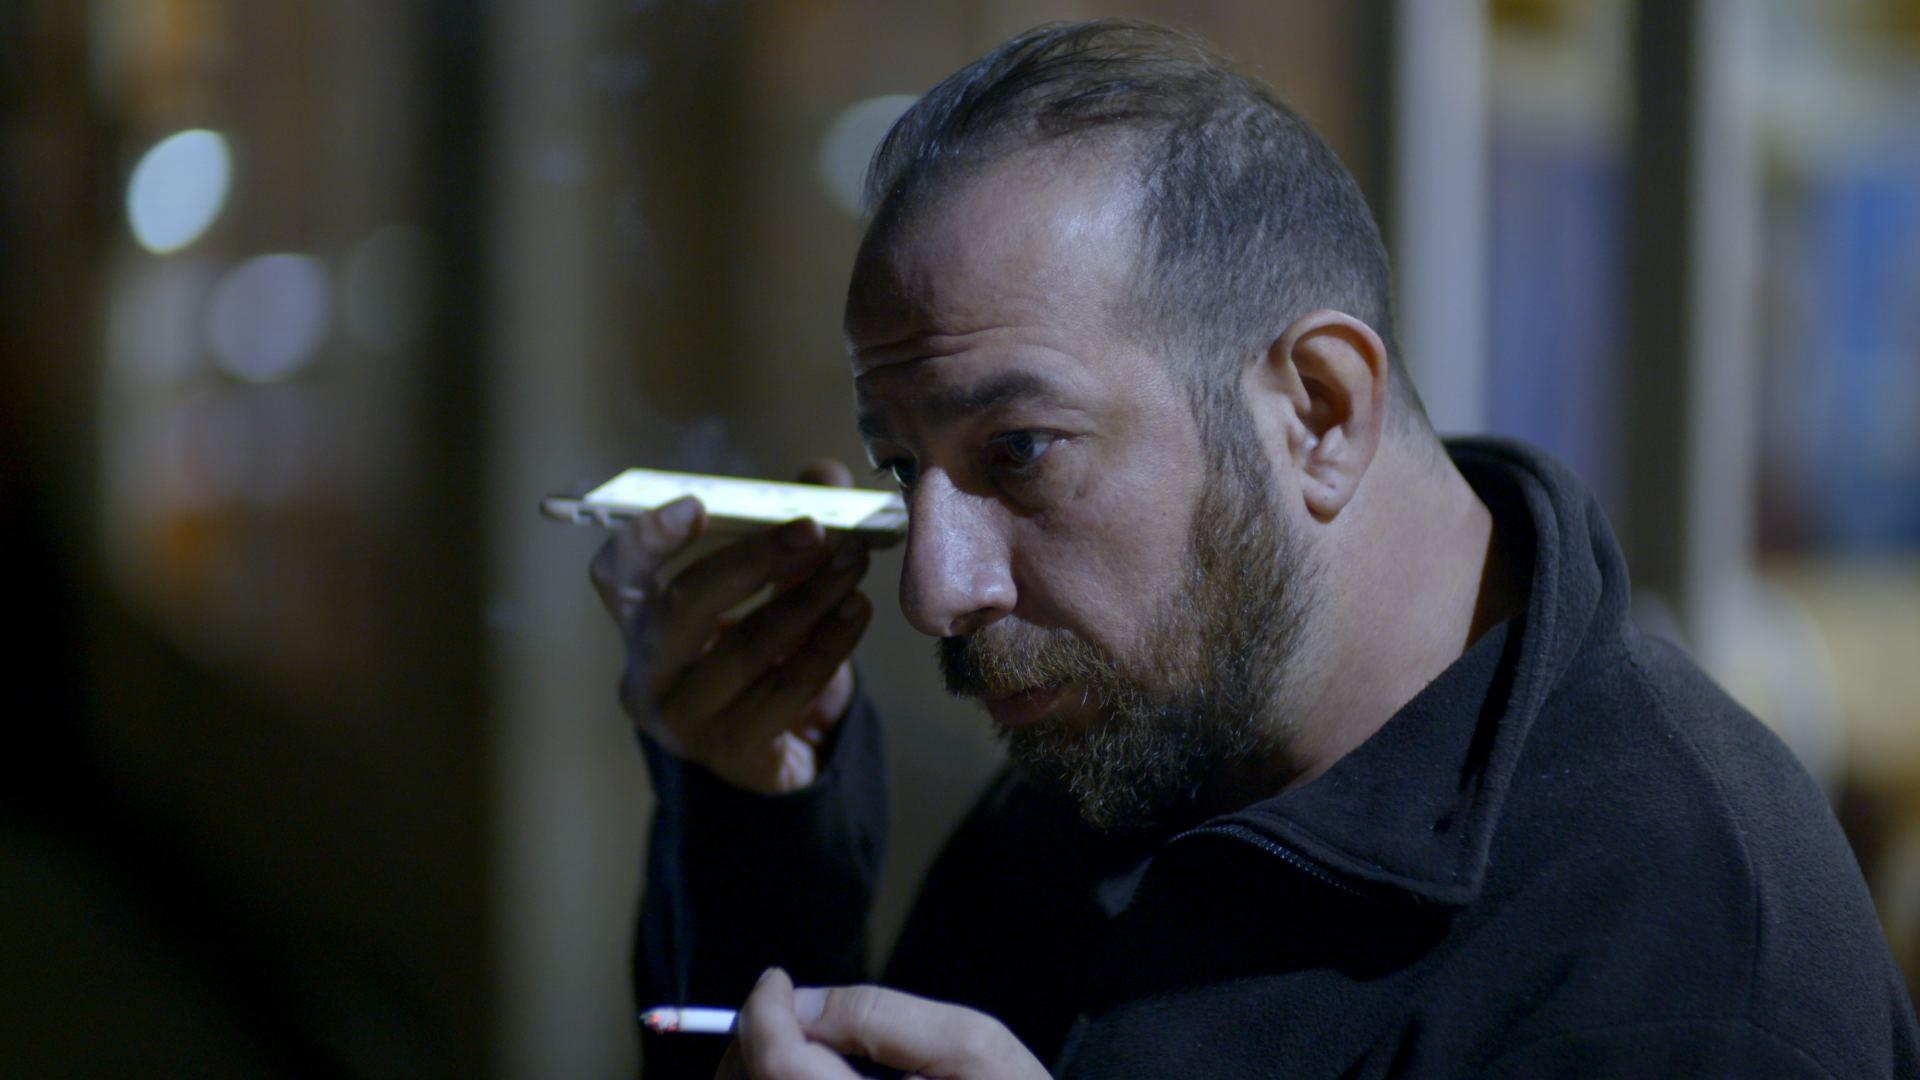 """Представлен трейлер фильма """"Билясувар"""", премьера которого состоится на крупнейшем кинофестивале Азии (ВИДЕО) - Gallery Image"""